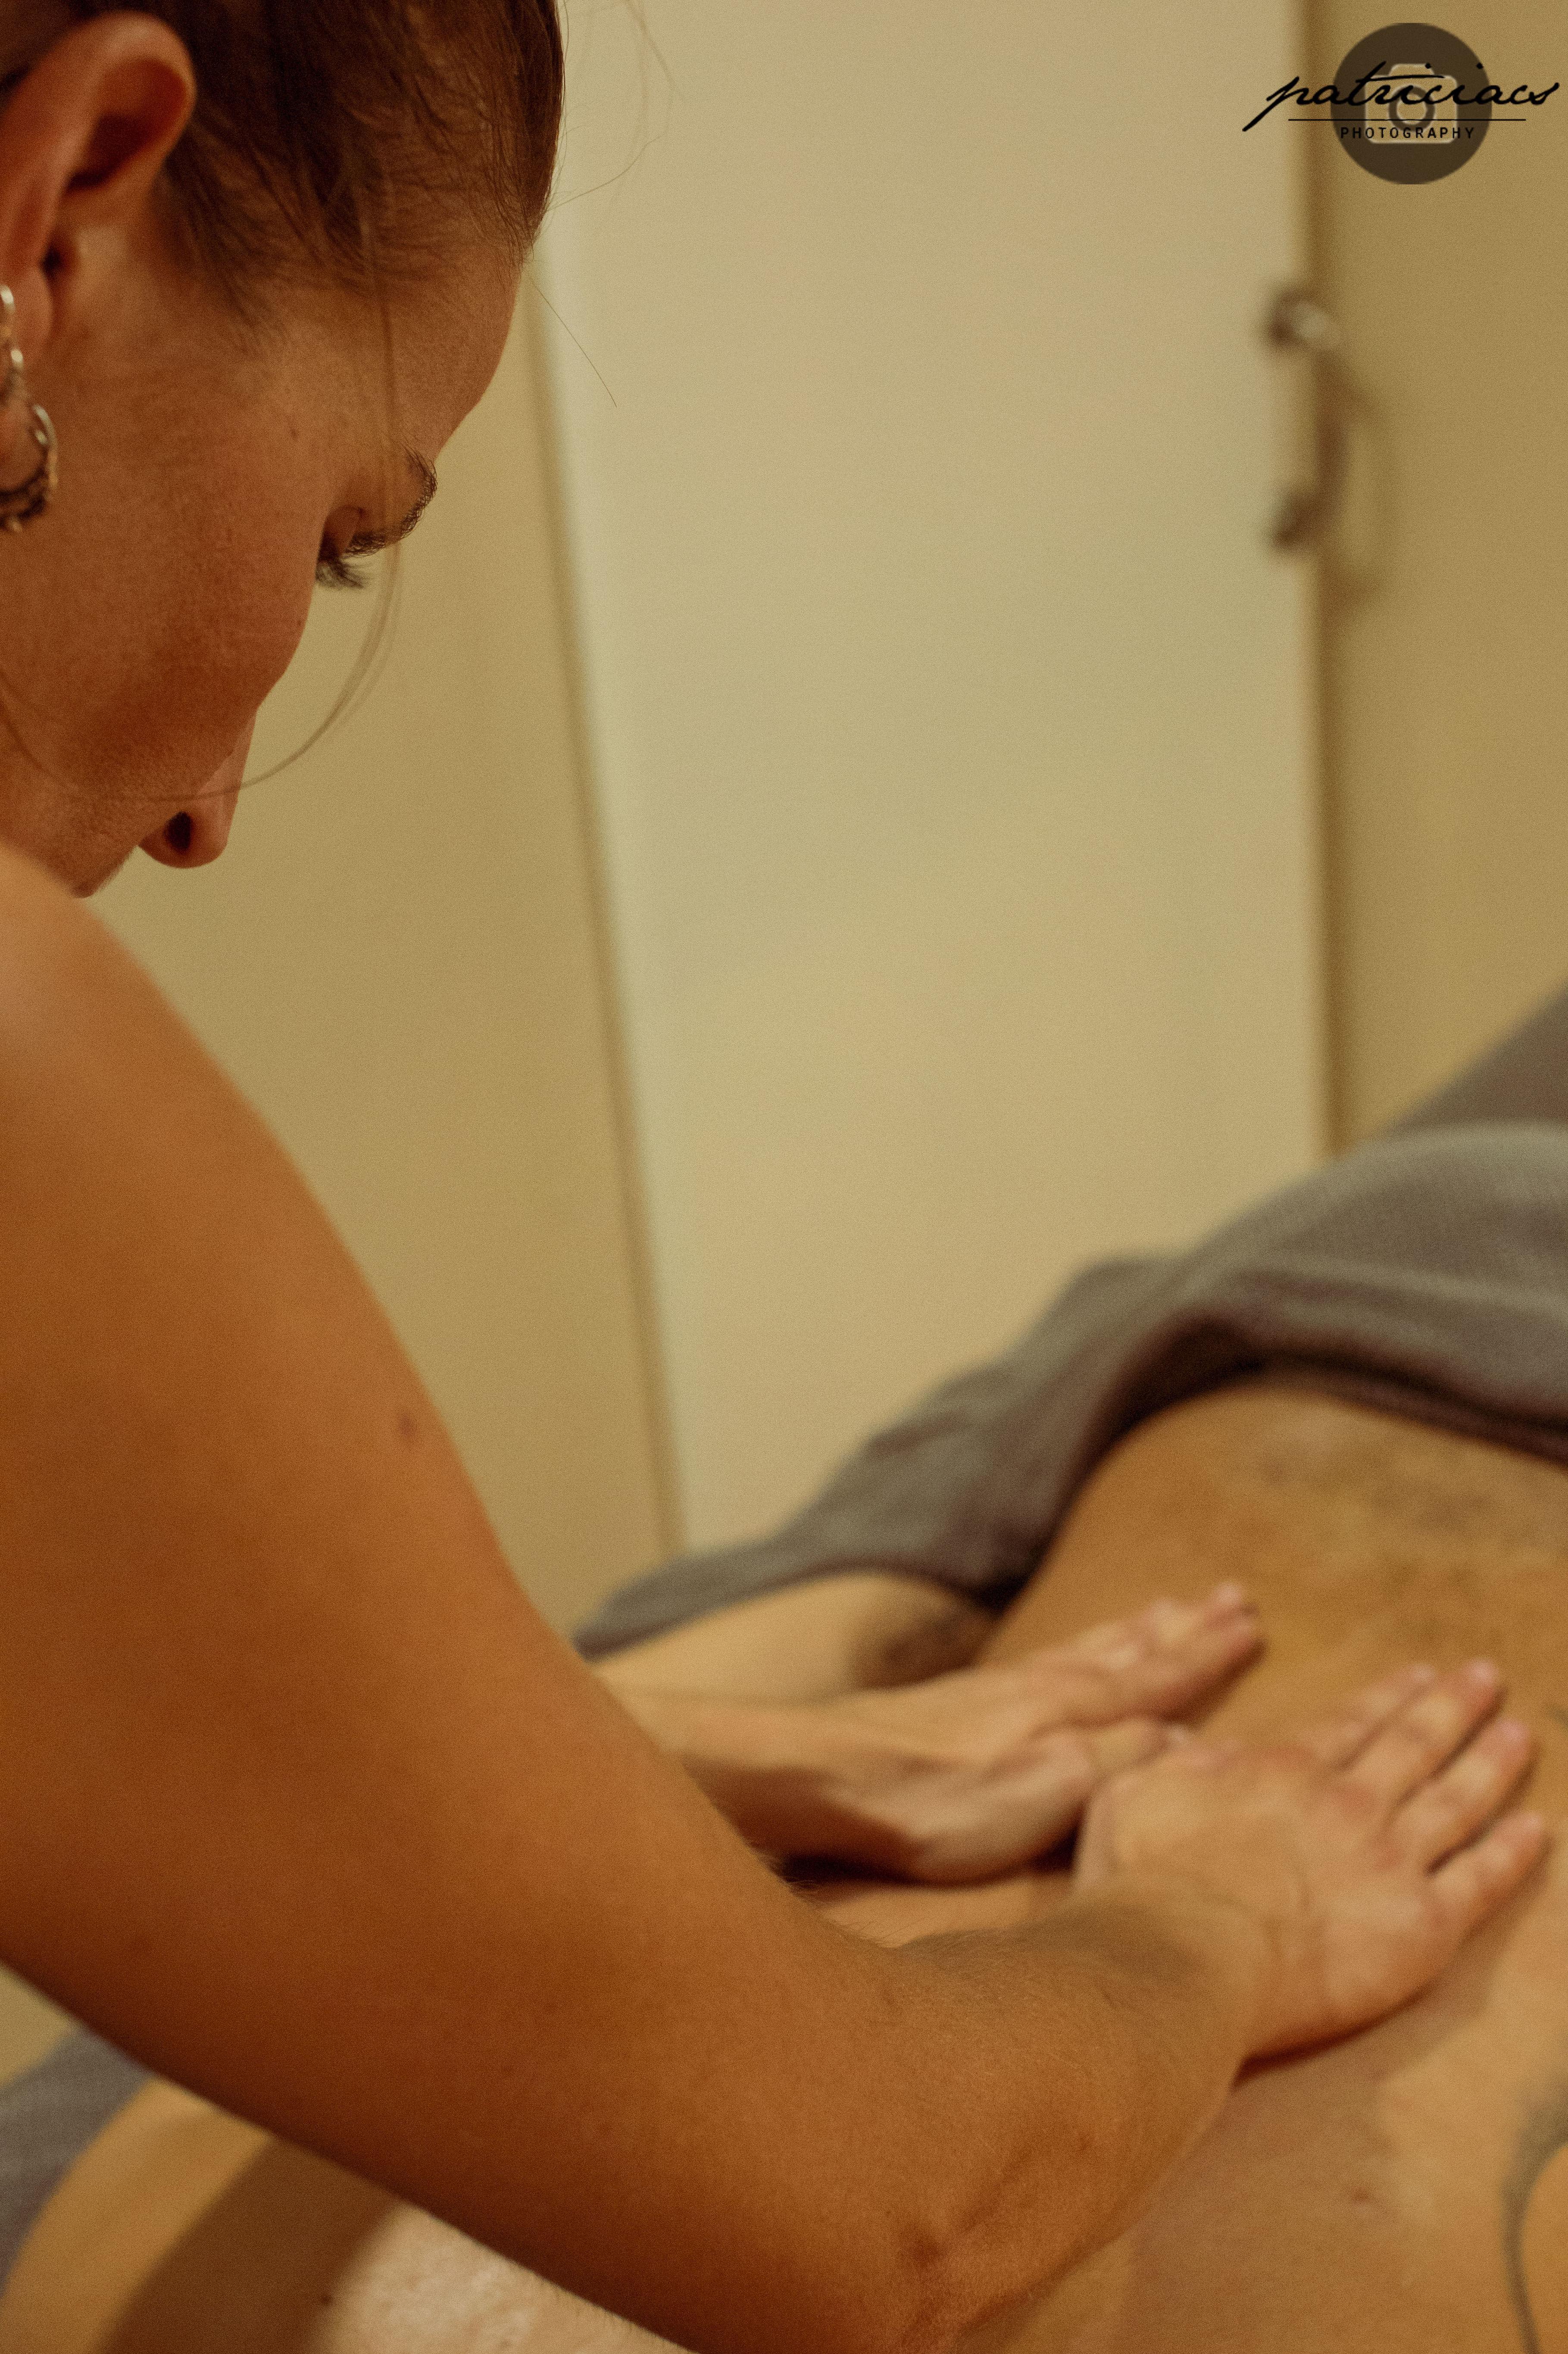 Foto 9 de Terapias naturales en Barcelona | Kumara Centro Holístico